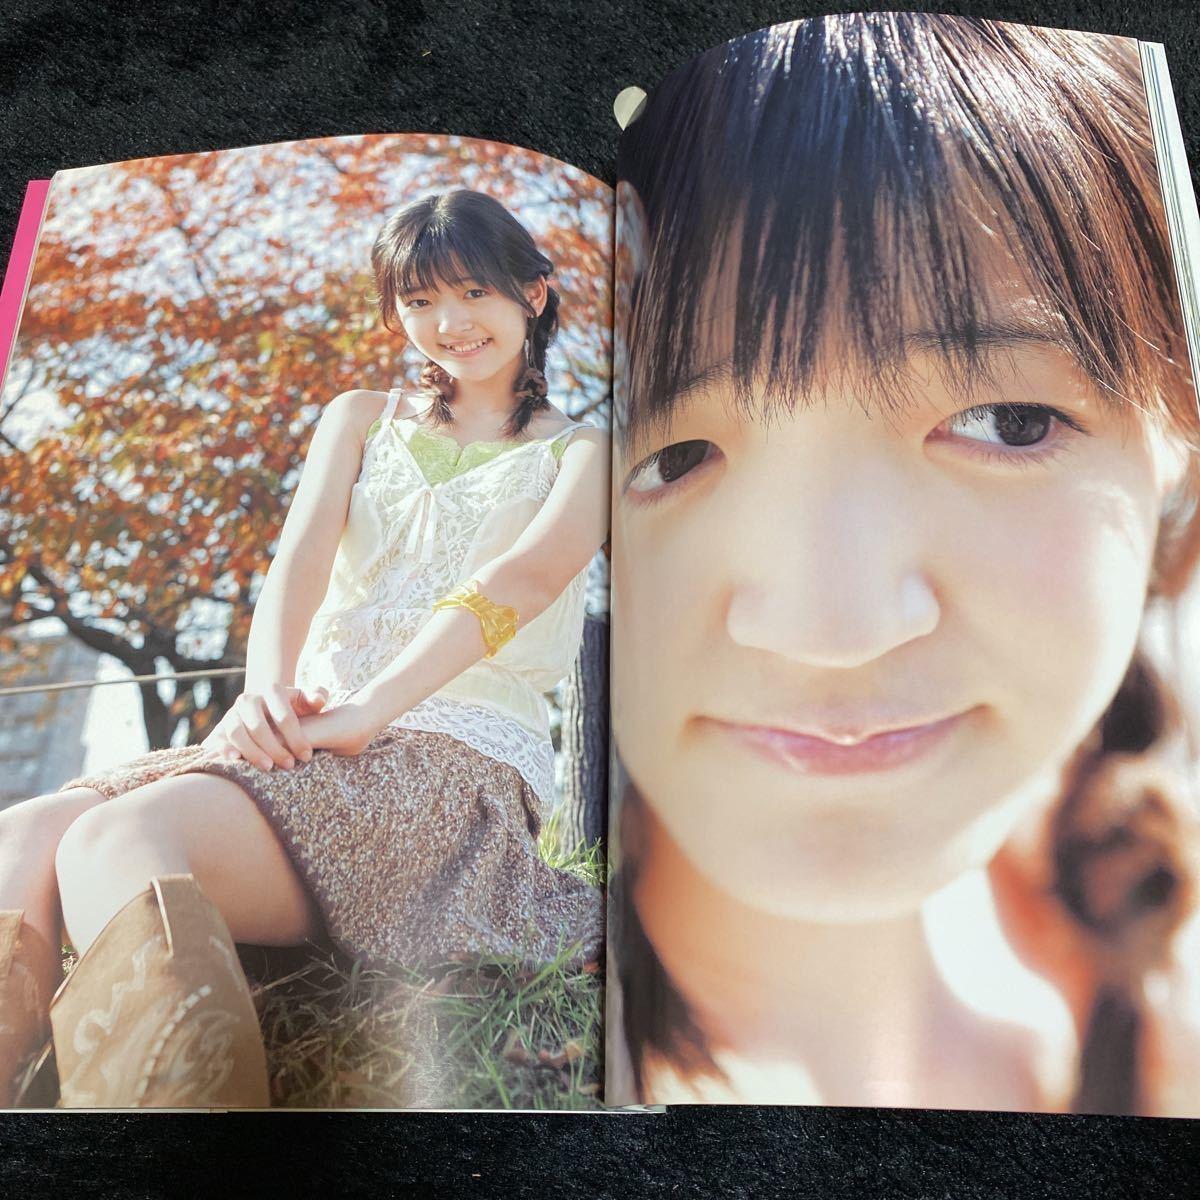 [匿名発送、送料込み][写真集] 『So Cute!』℃-uteファースト写真集